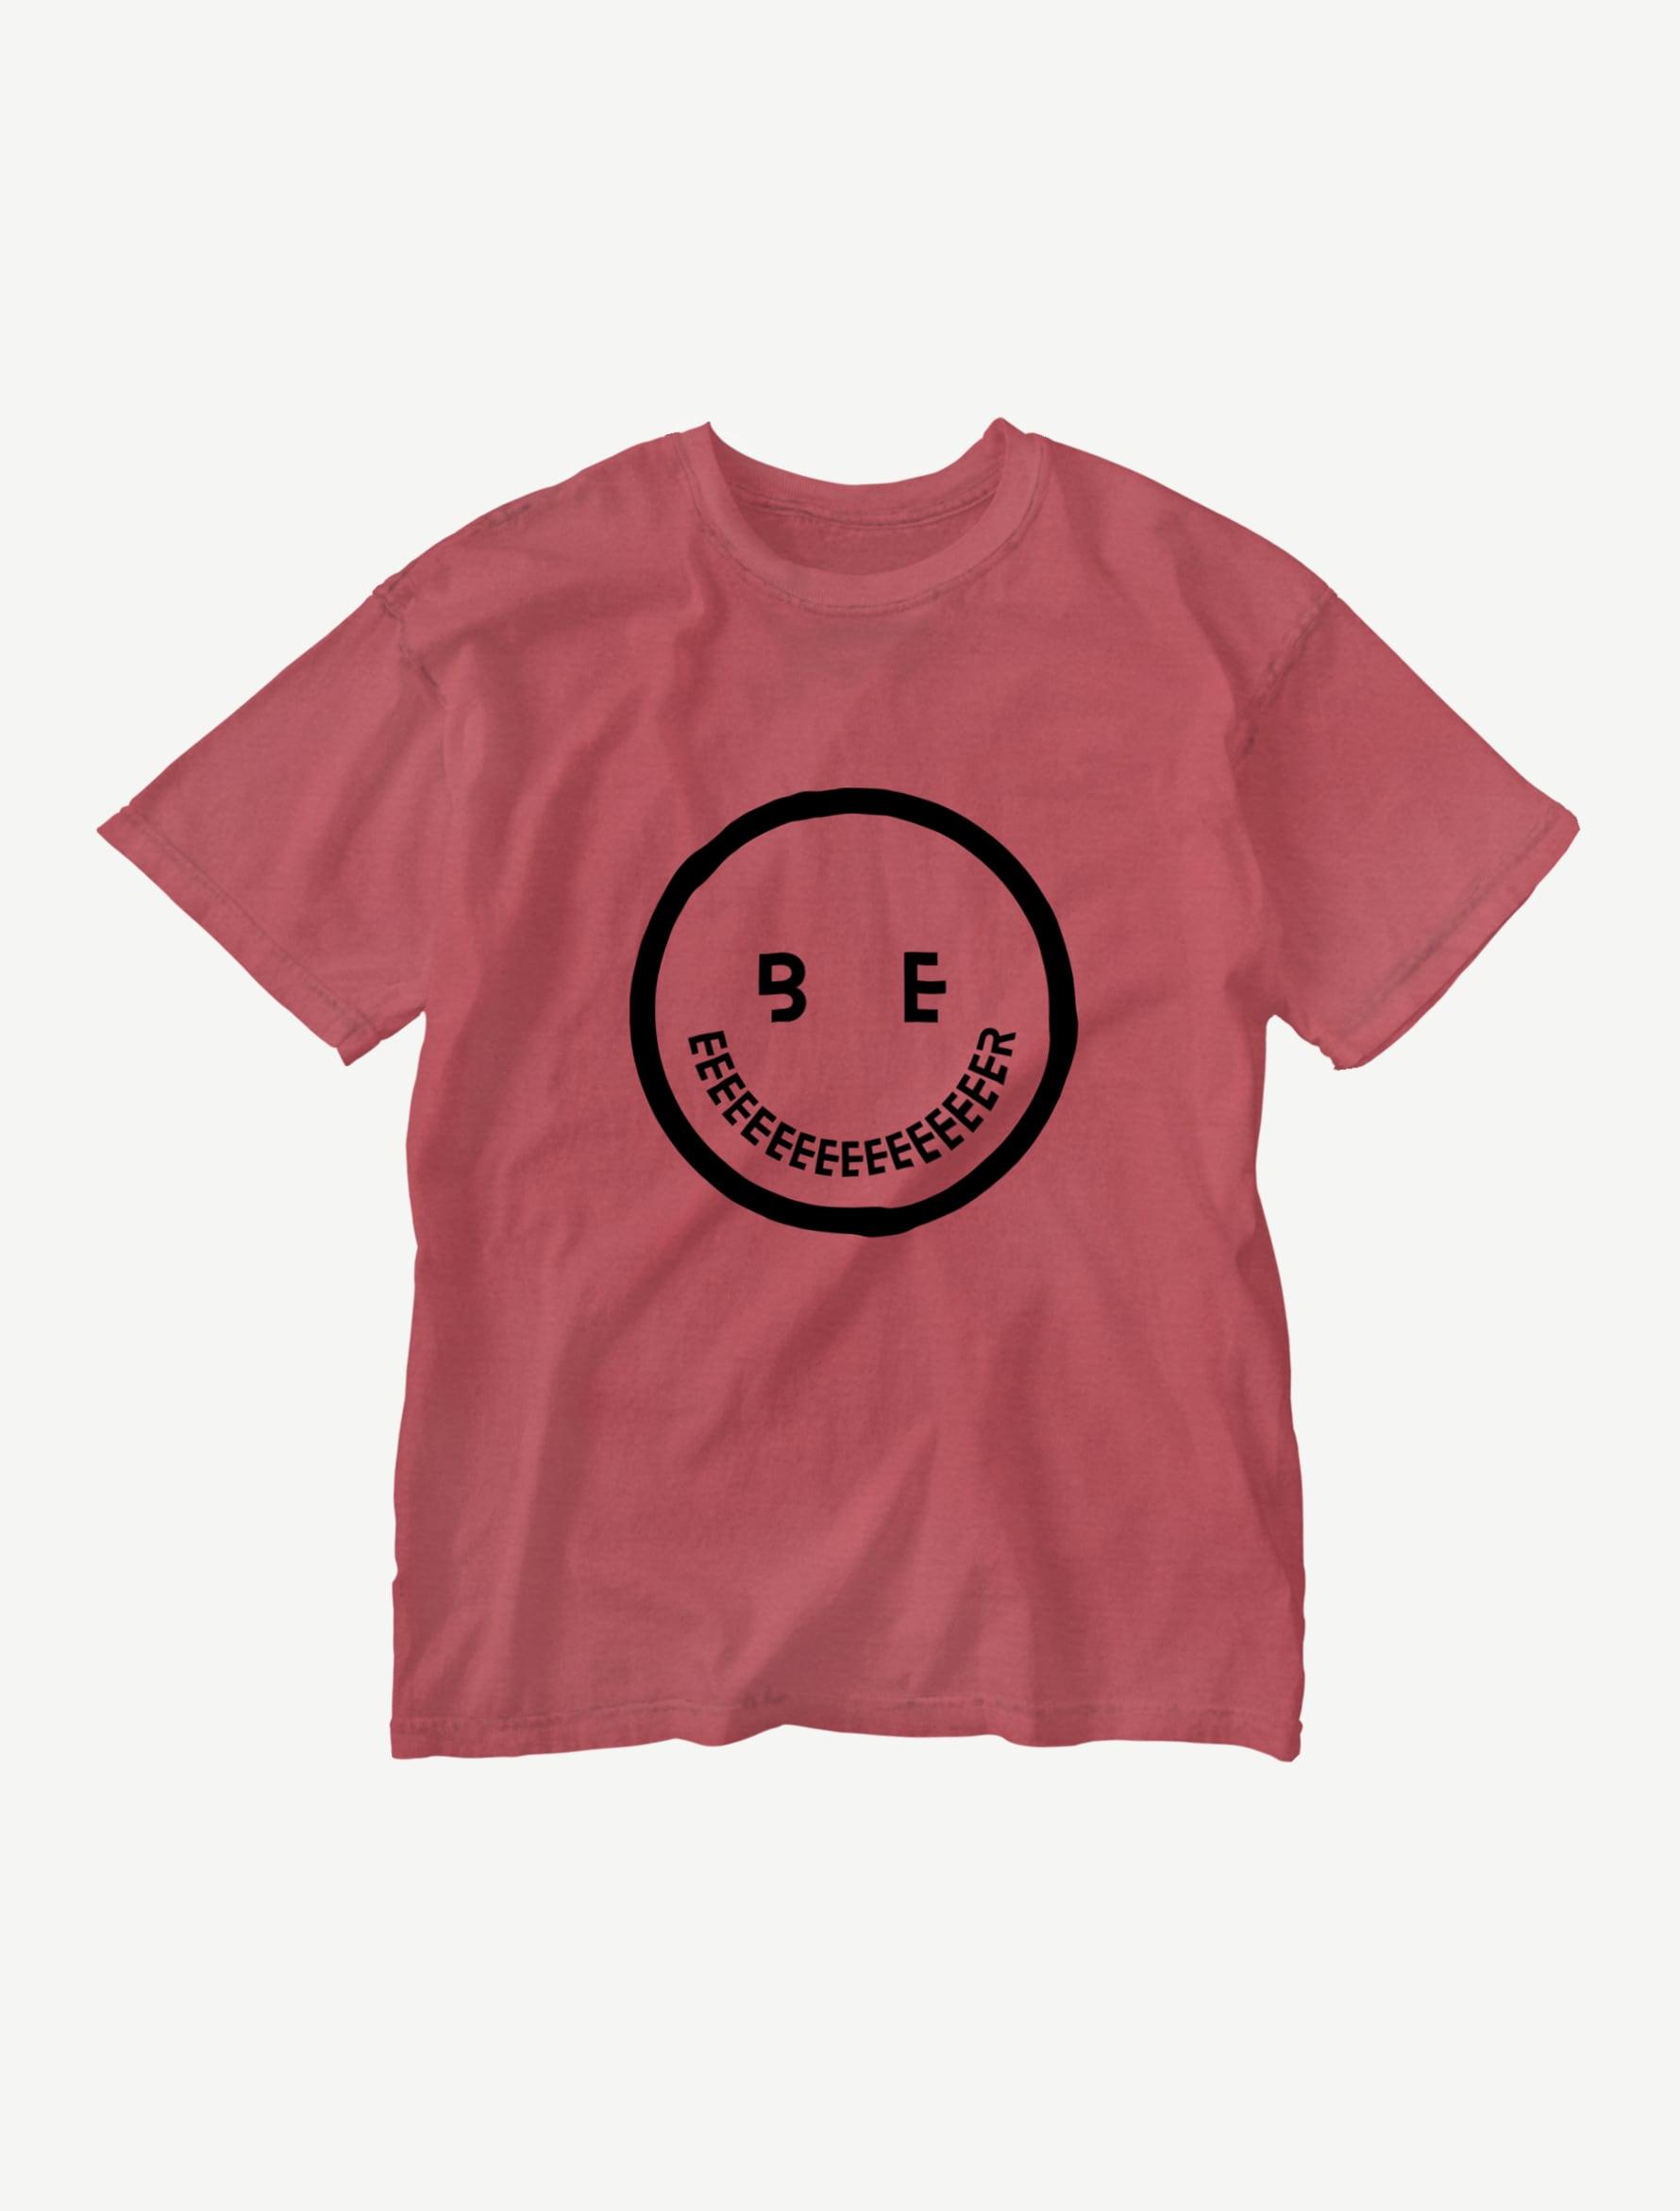 【smile】ウォッシュTシャツ(クリムゾンレッド)